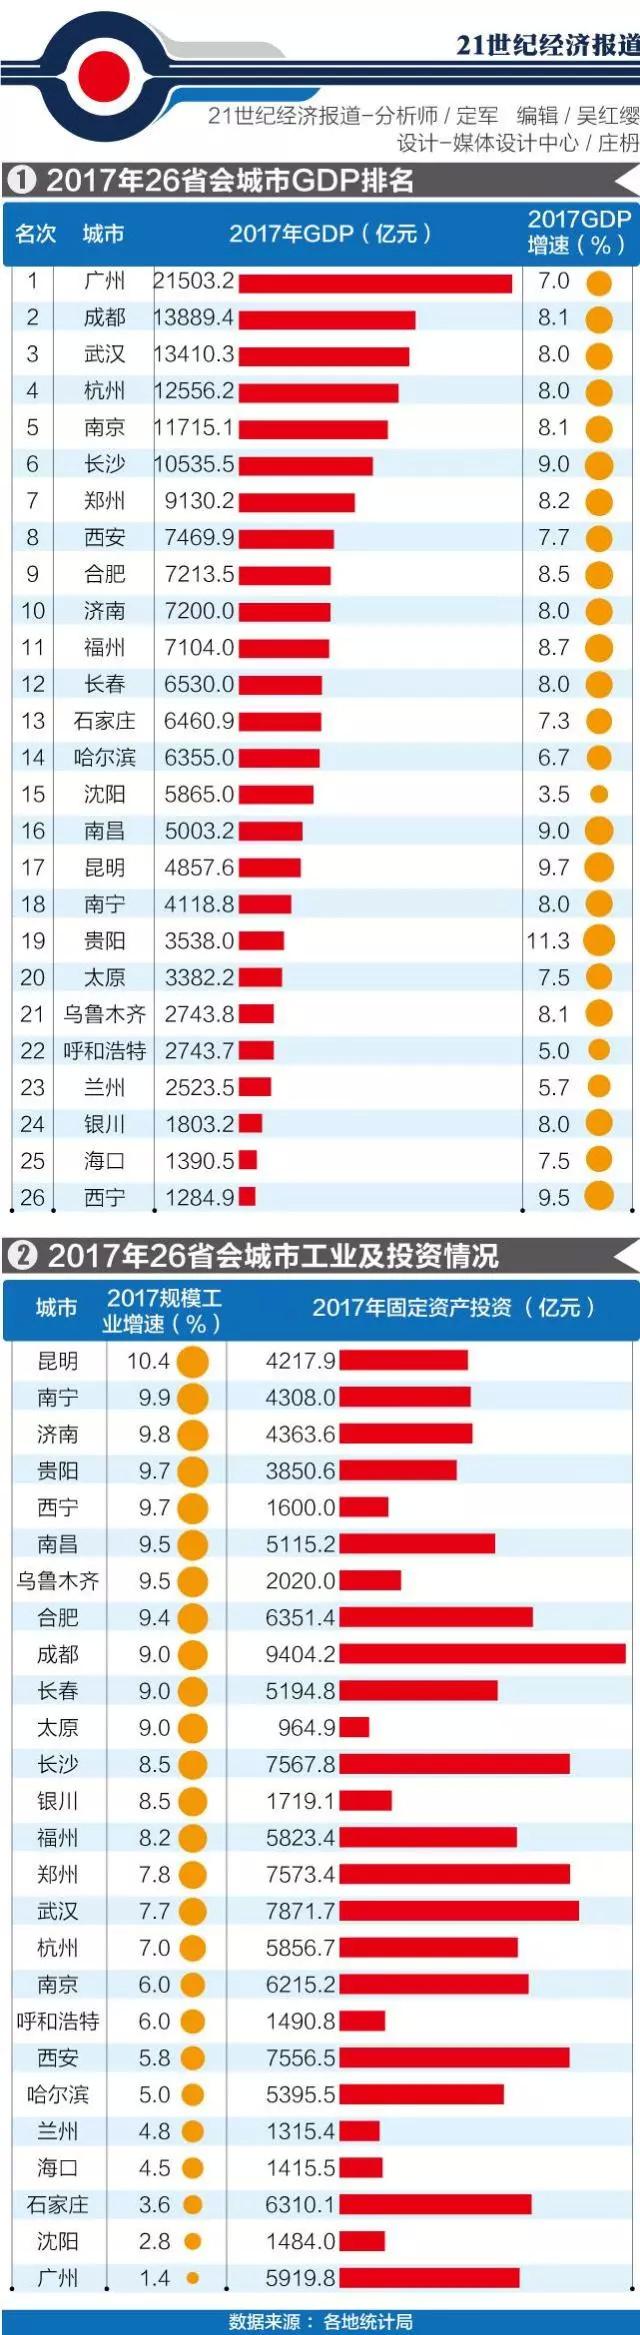 12年gdp排名_28省GDP排行榜出炉安徽排第12位增长速度8.3%排在全国第5位